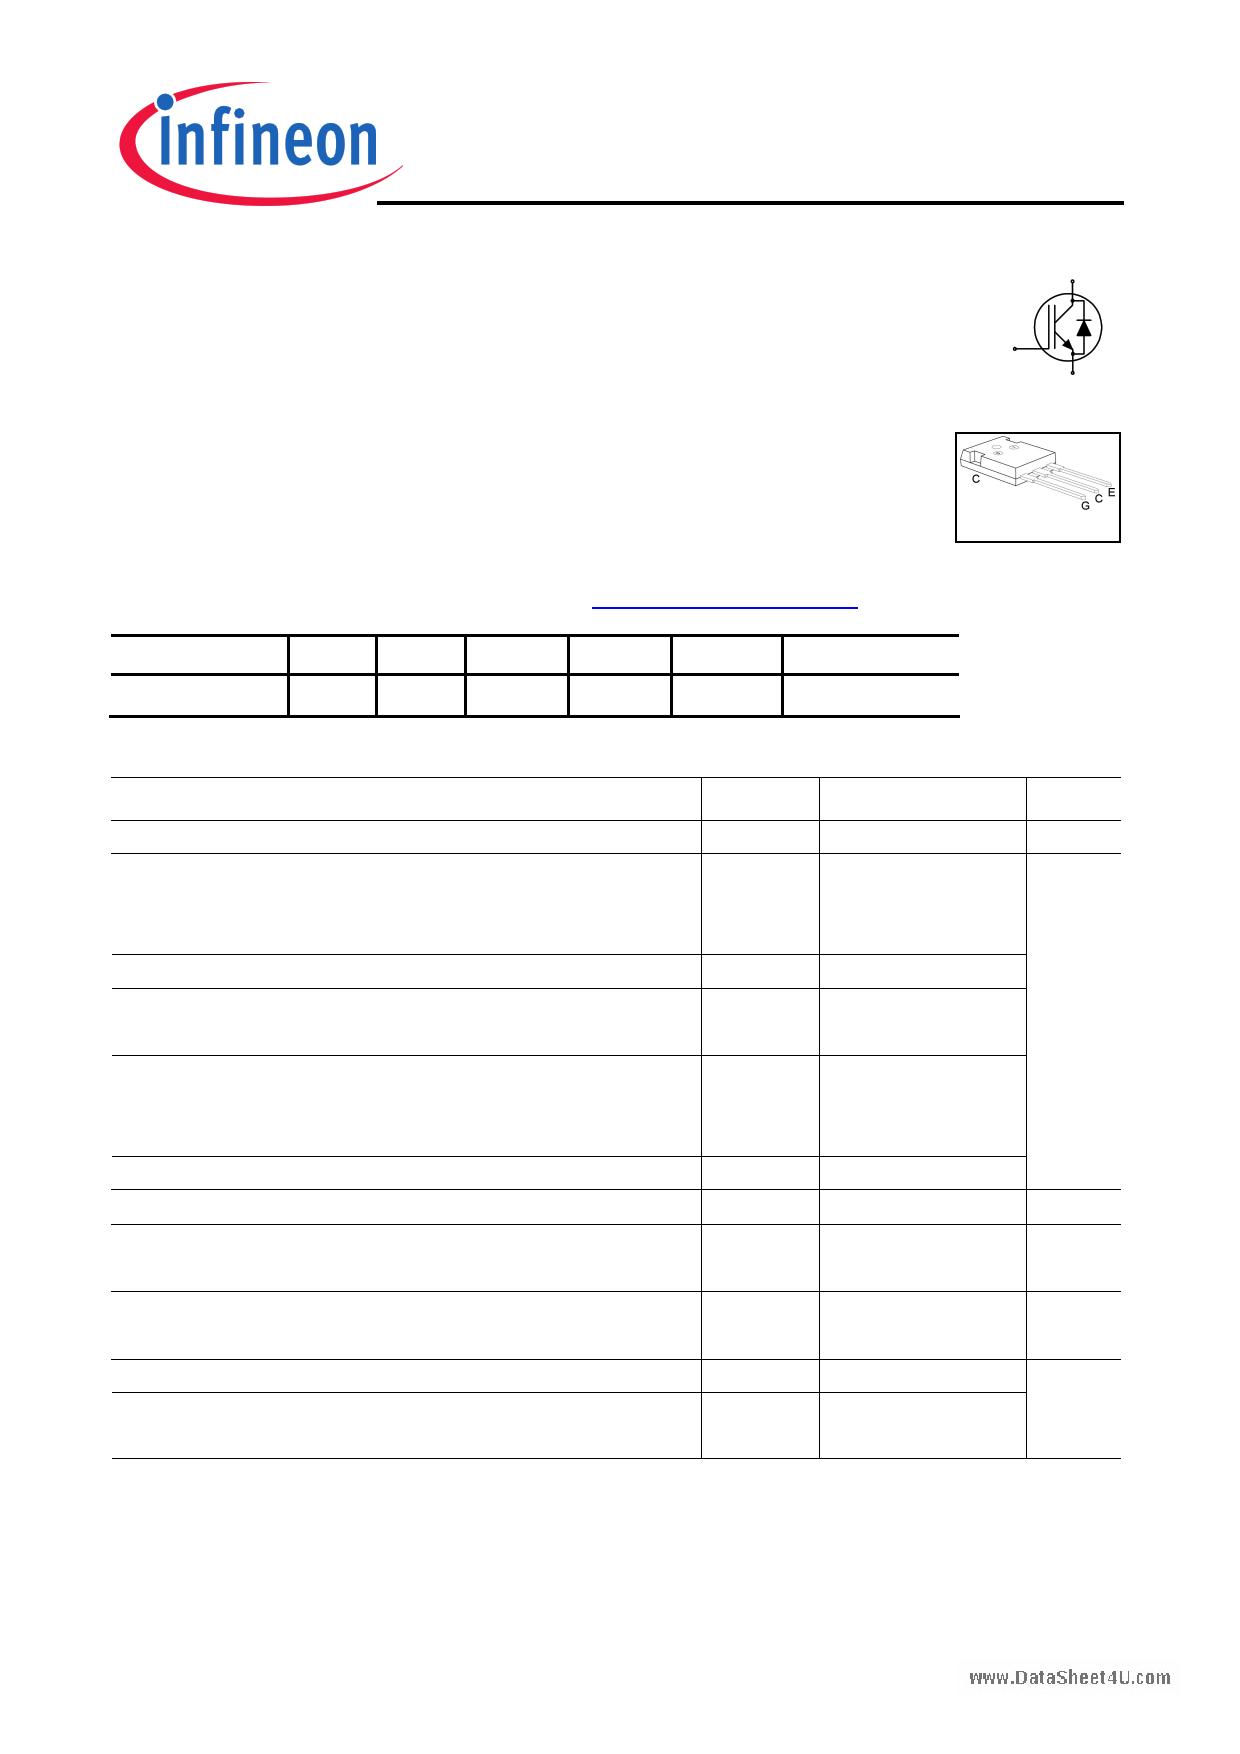 K07N120 Hoja de datos, Descripción, Manual